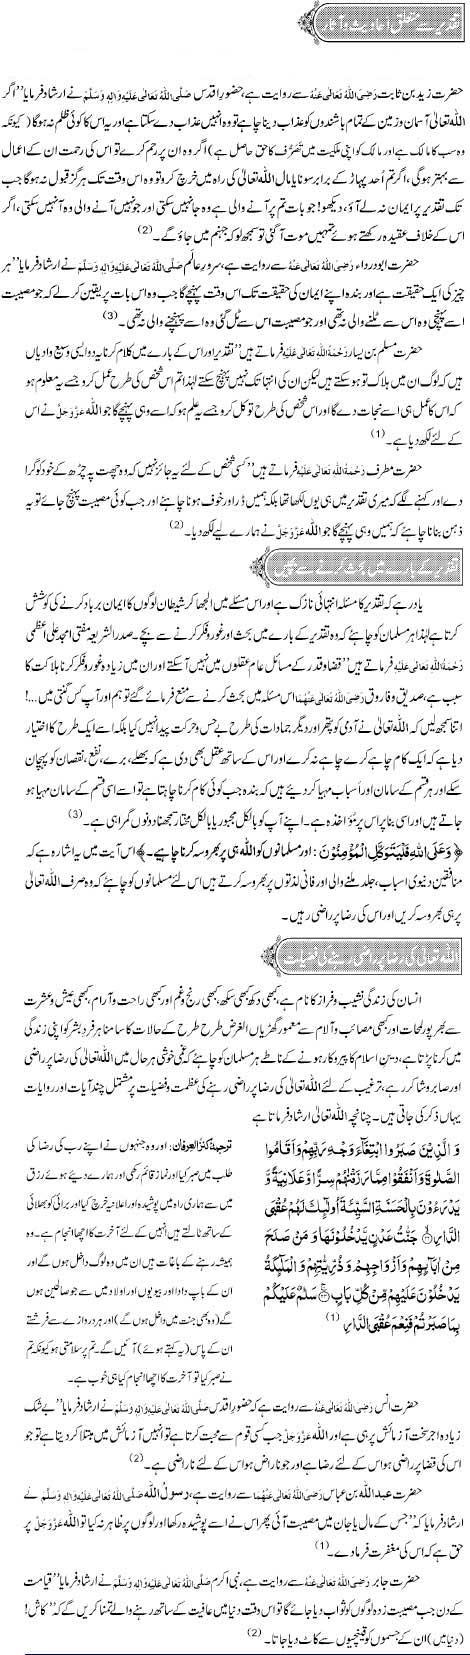 Taqdeer Sey Mutaliq Ahadith-o-Asaar